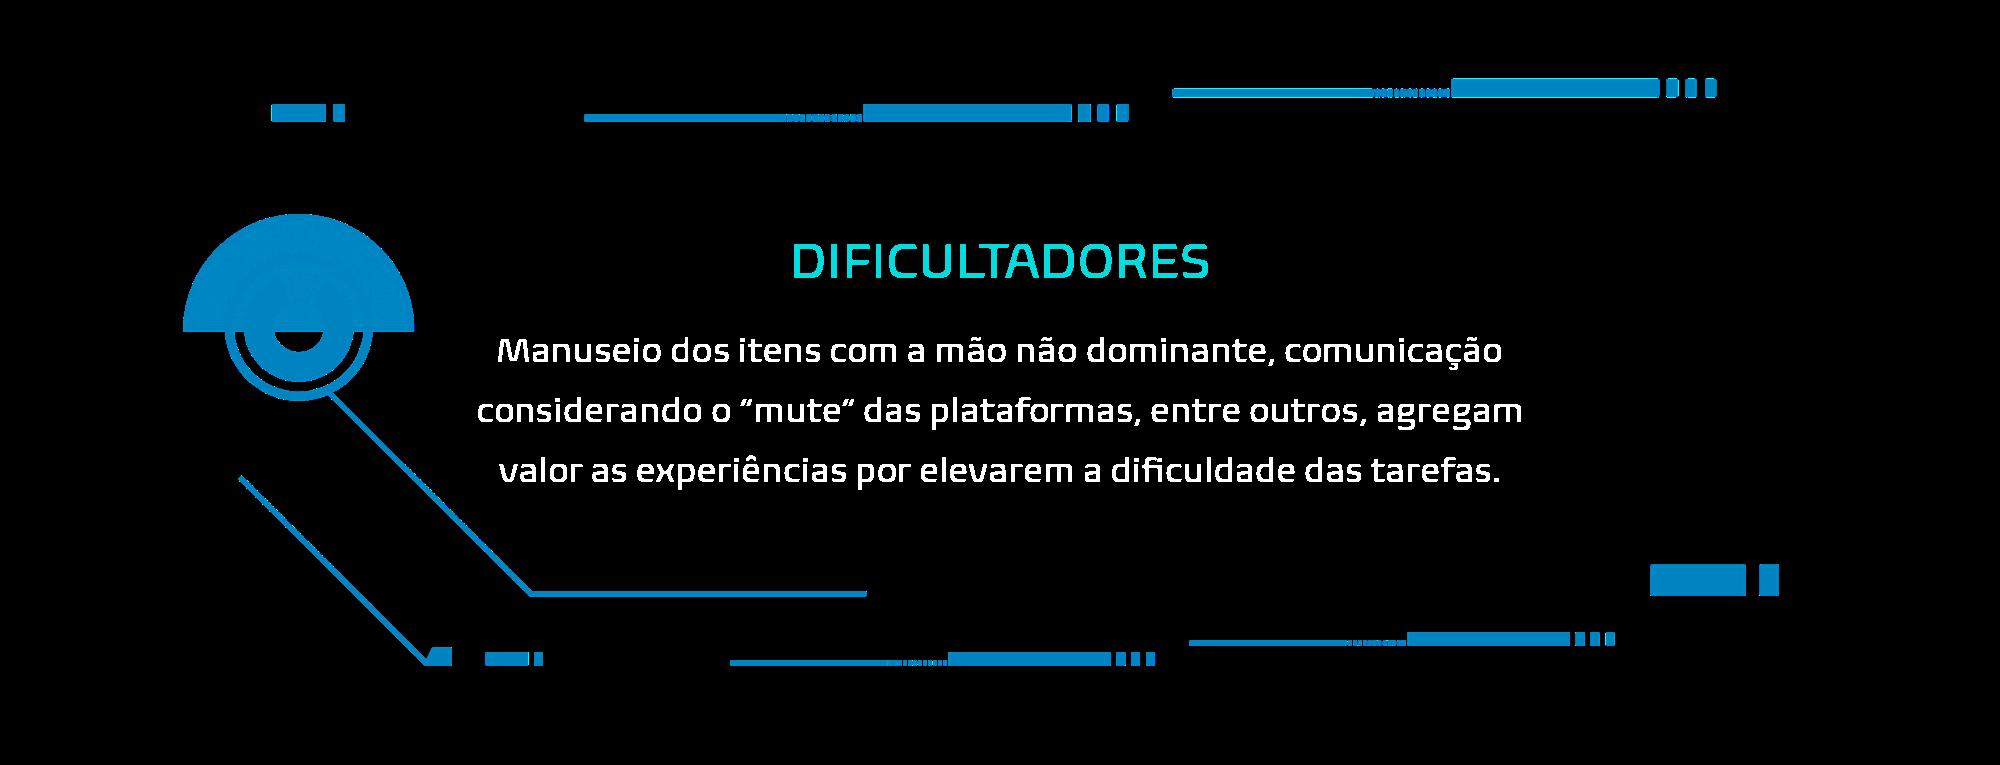 DIFICULTADORES 7